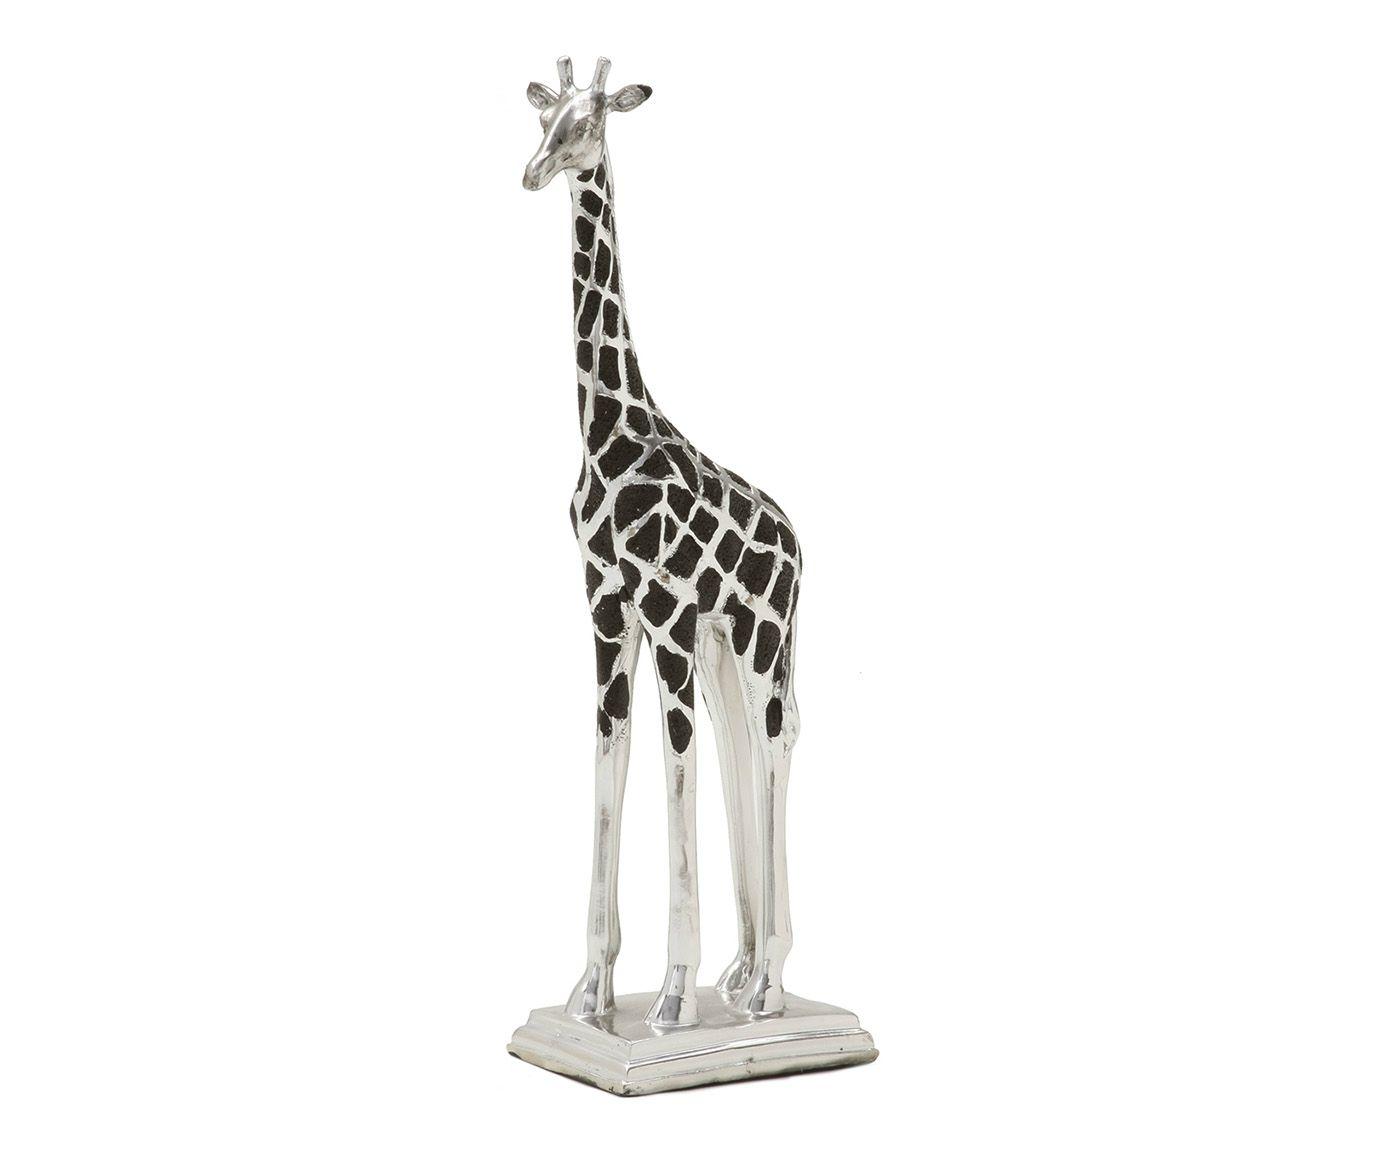 Adorno Girafa Akinlana - 15X40X5cm | Westwing.com.br